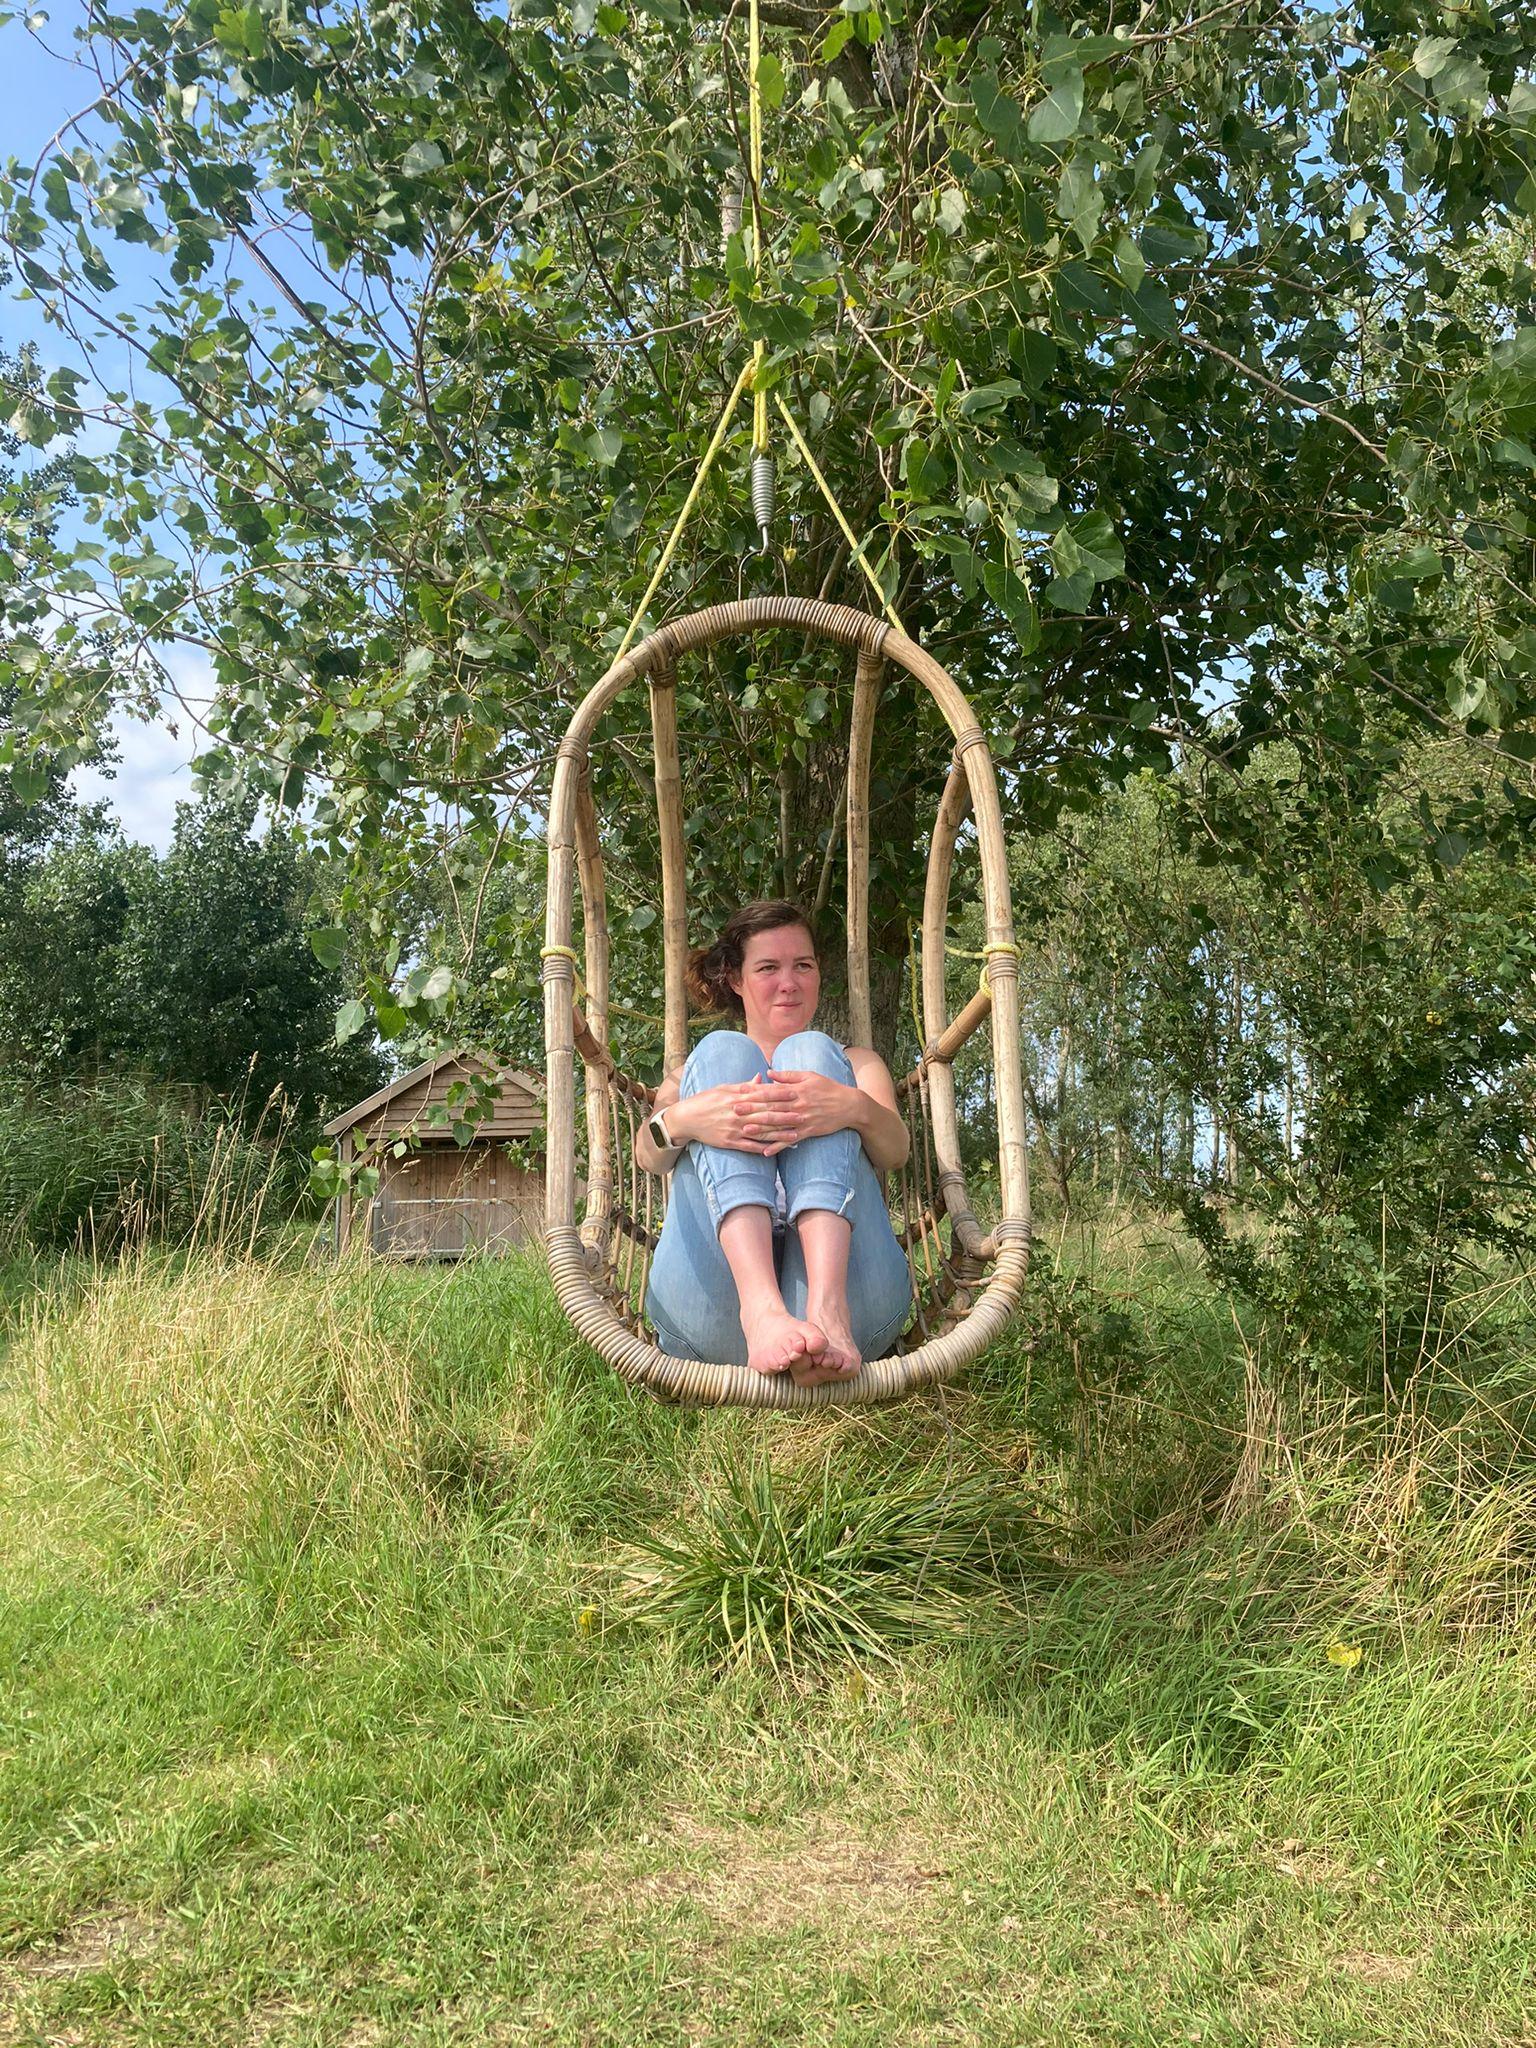 Rust en ruimte op minicamping in Zeeland